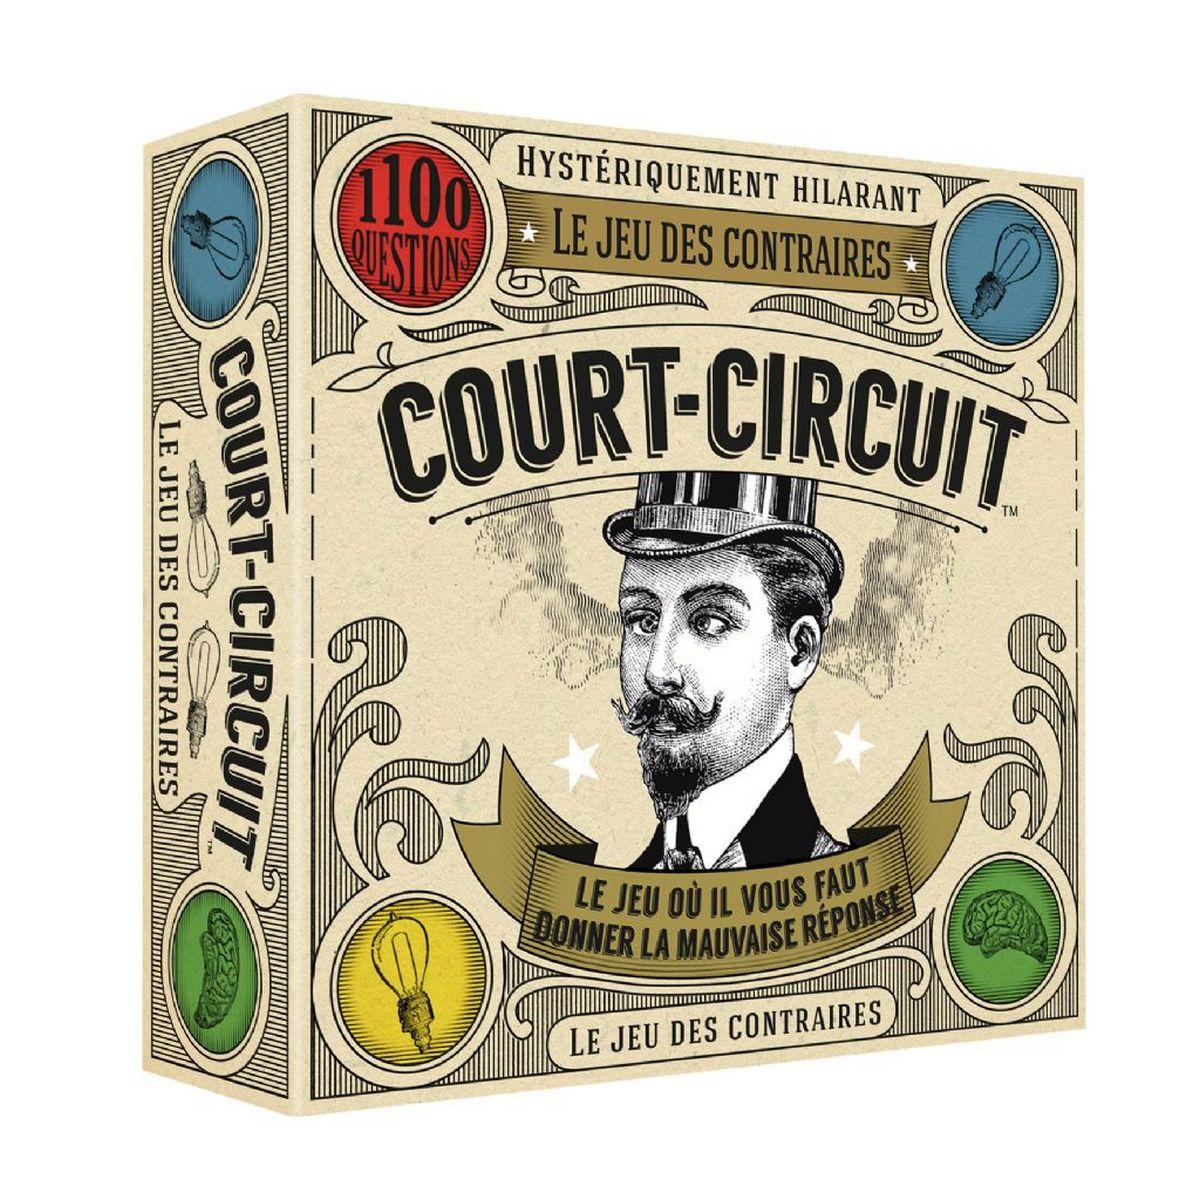 Court-circuit, jeu quiz des contraires